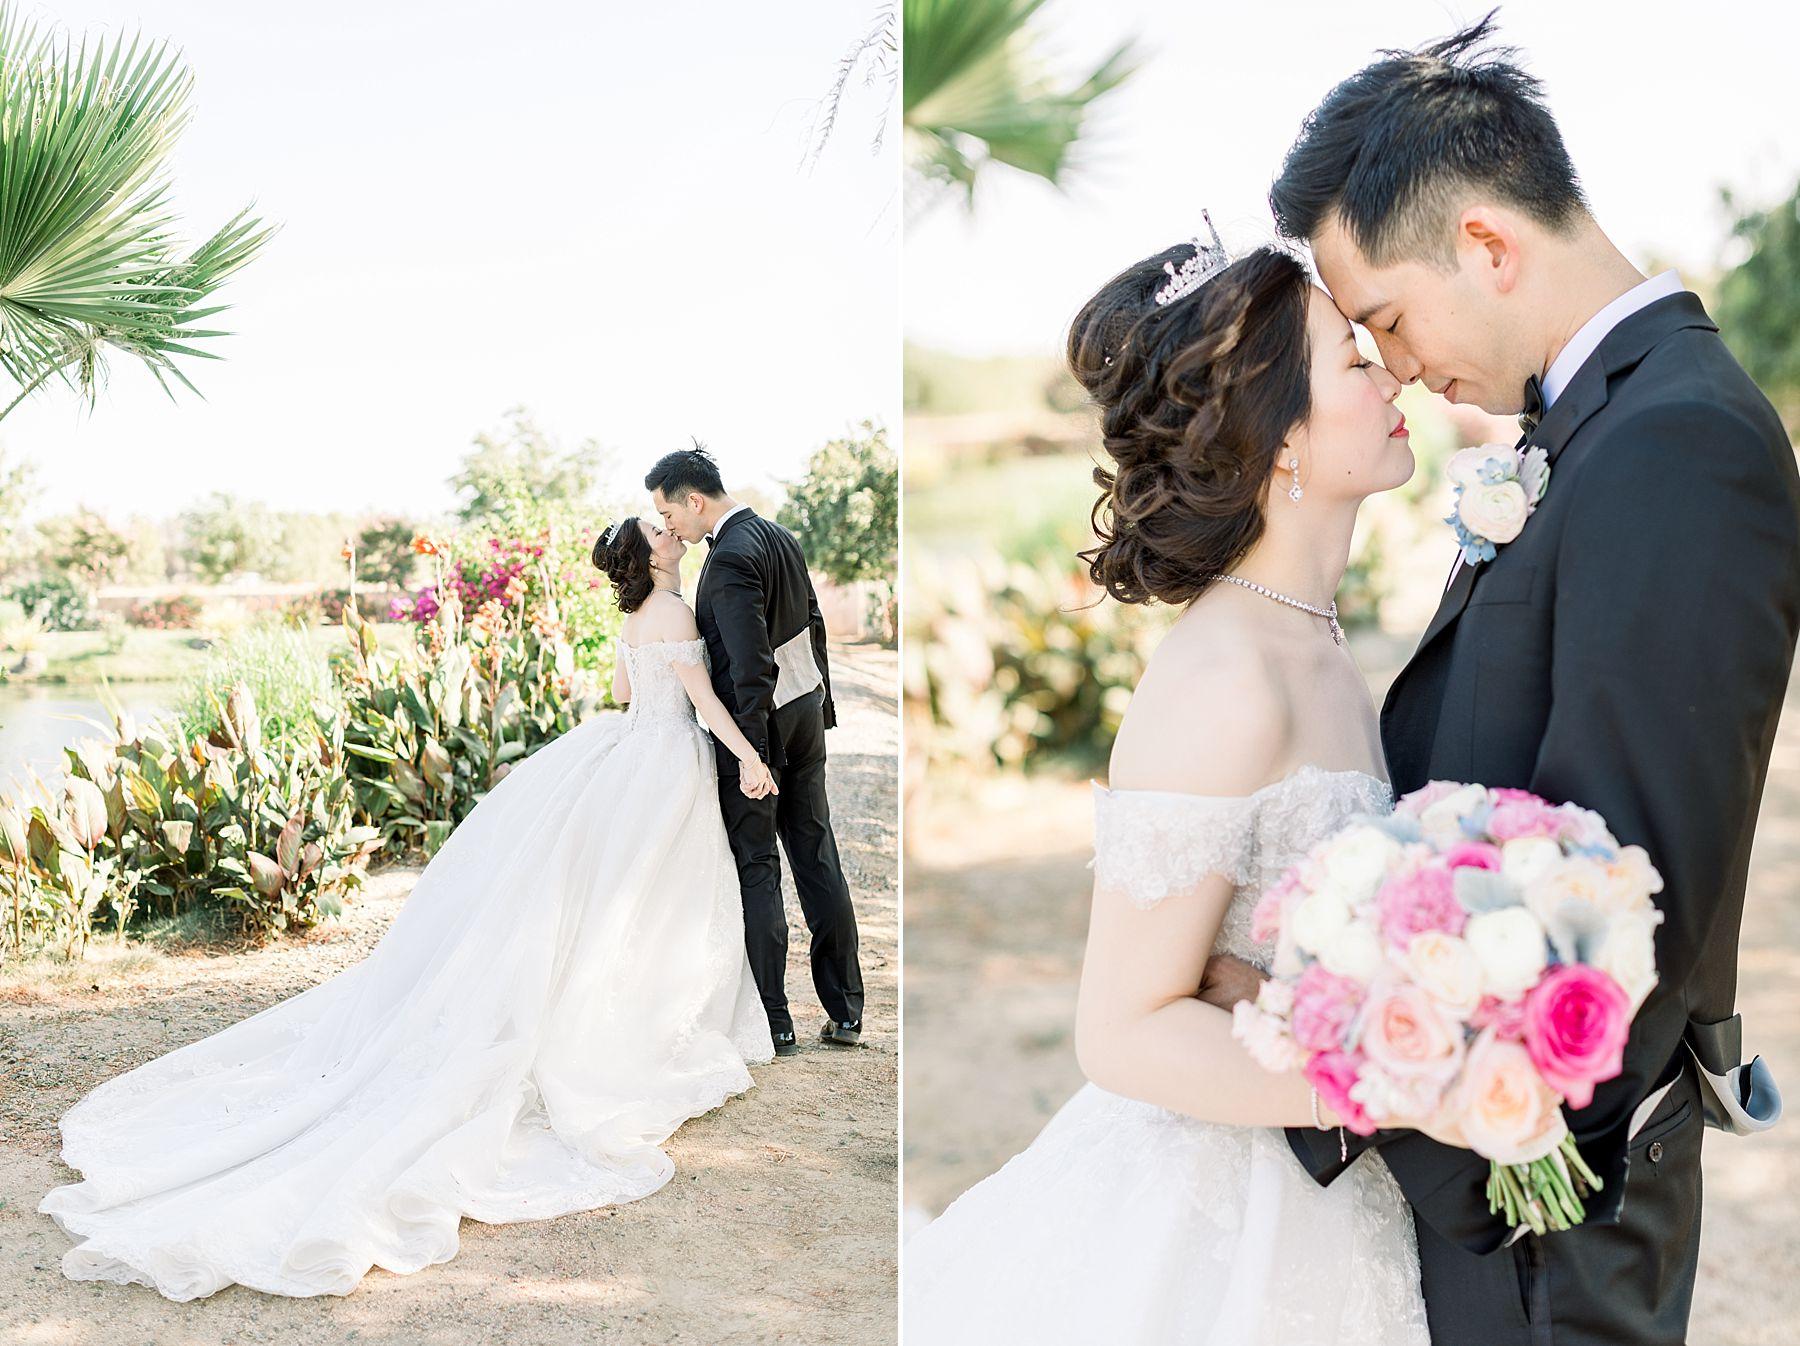 Newberry Estate Vineyards Wedding - Ashley Baumgartner - Jasmine and Johhny - Bay Area Wedding Photographer - Sacramento Wedding Photographer_0021.jpg